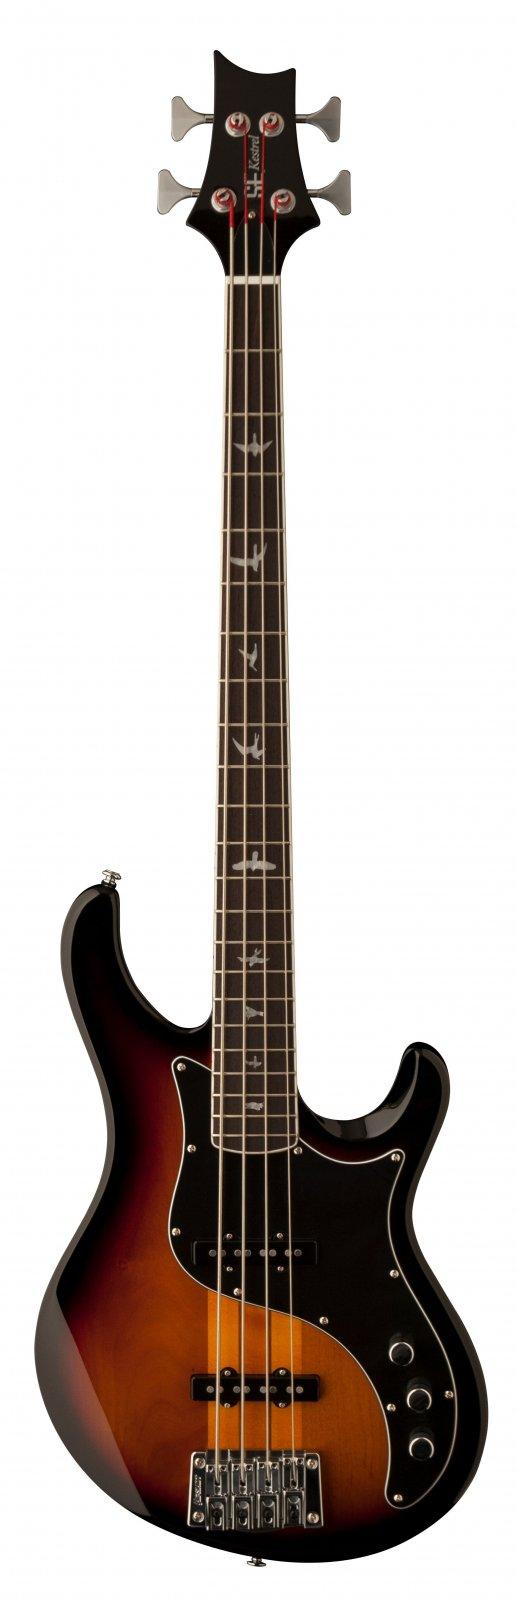 PRS SE Kestrel Bass - Tri-Color Sunburst w/Gig Bag